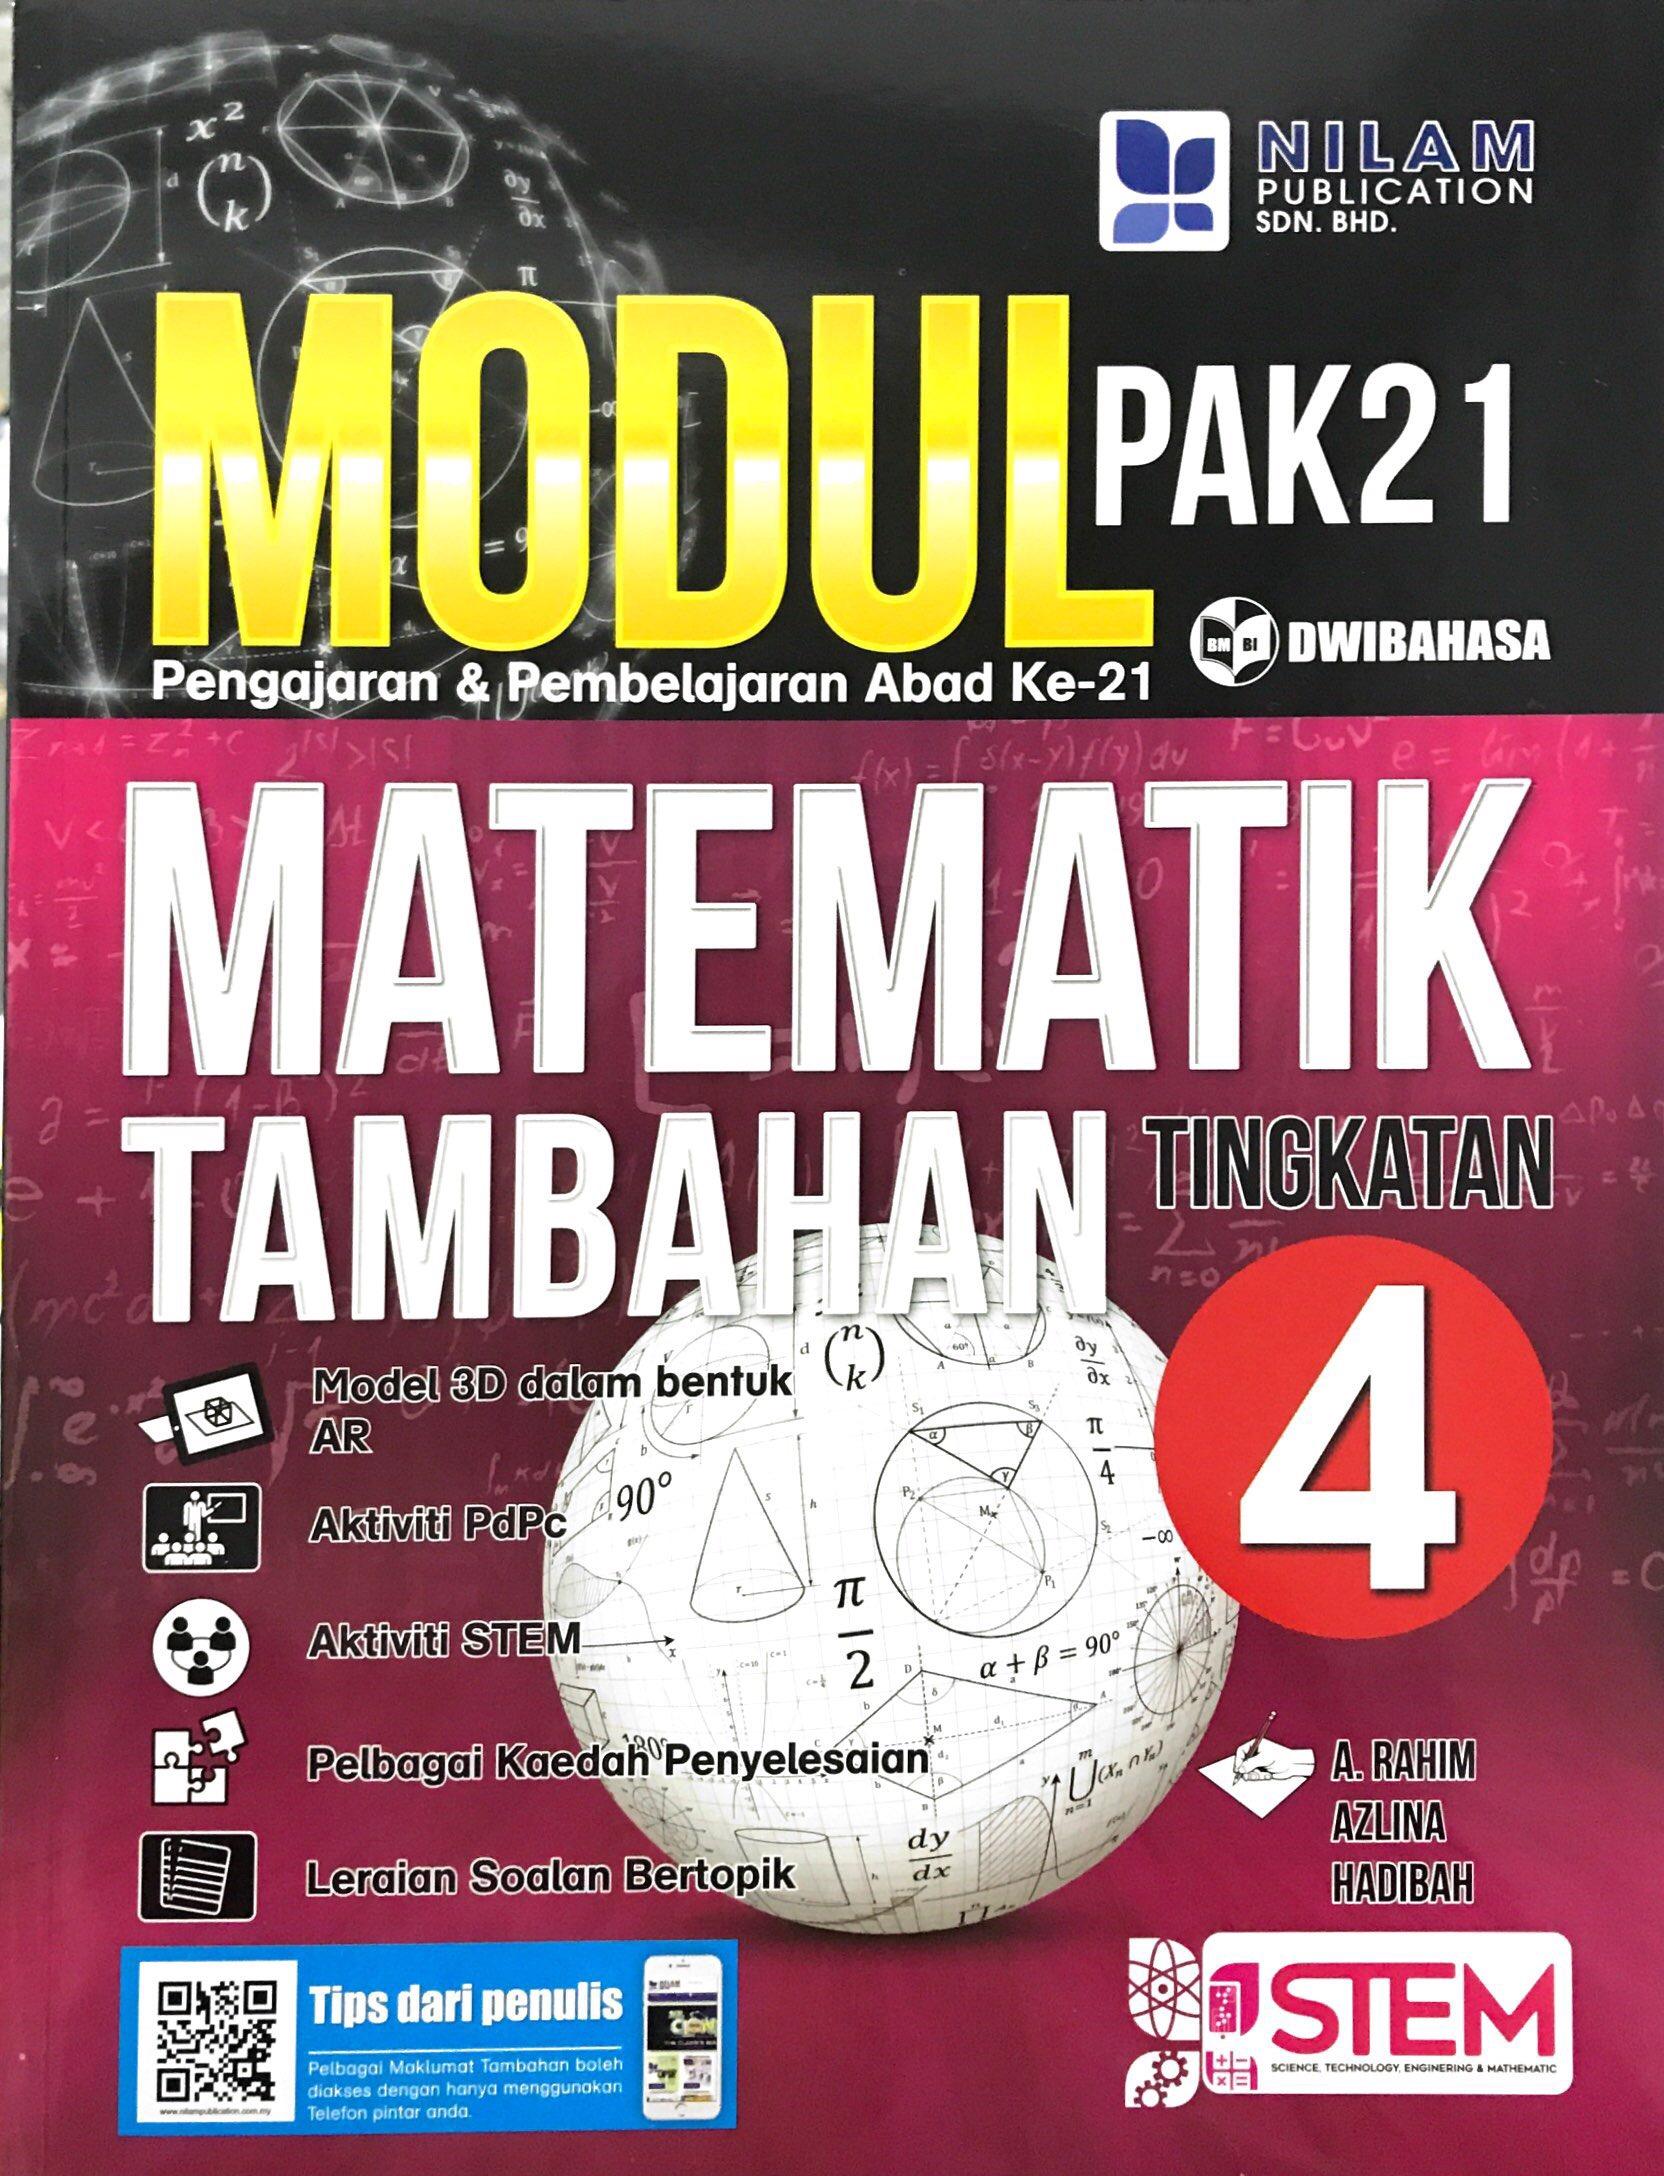 Modul Pengajaran & Pembelajaran Abad Ke-21 Matematik Tambahan Tingkatan 4 (2019)